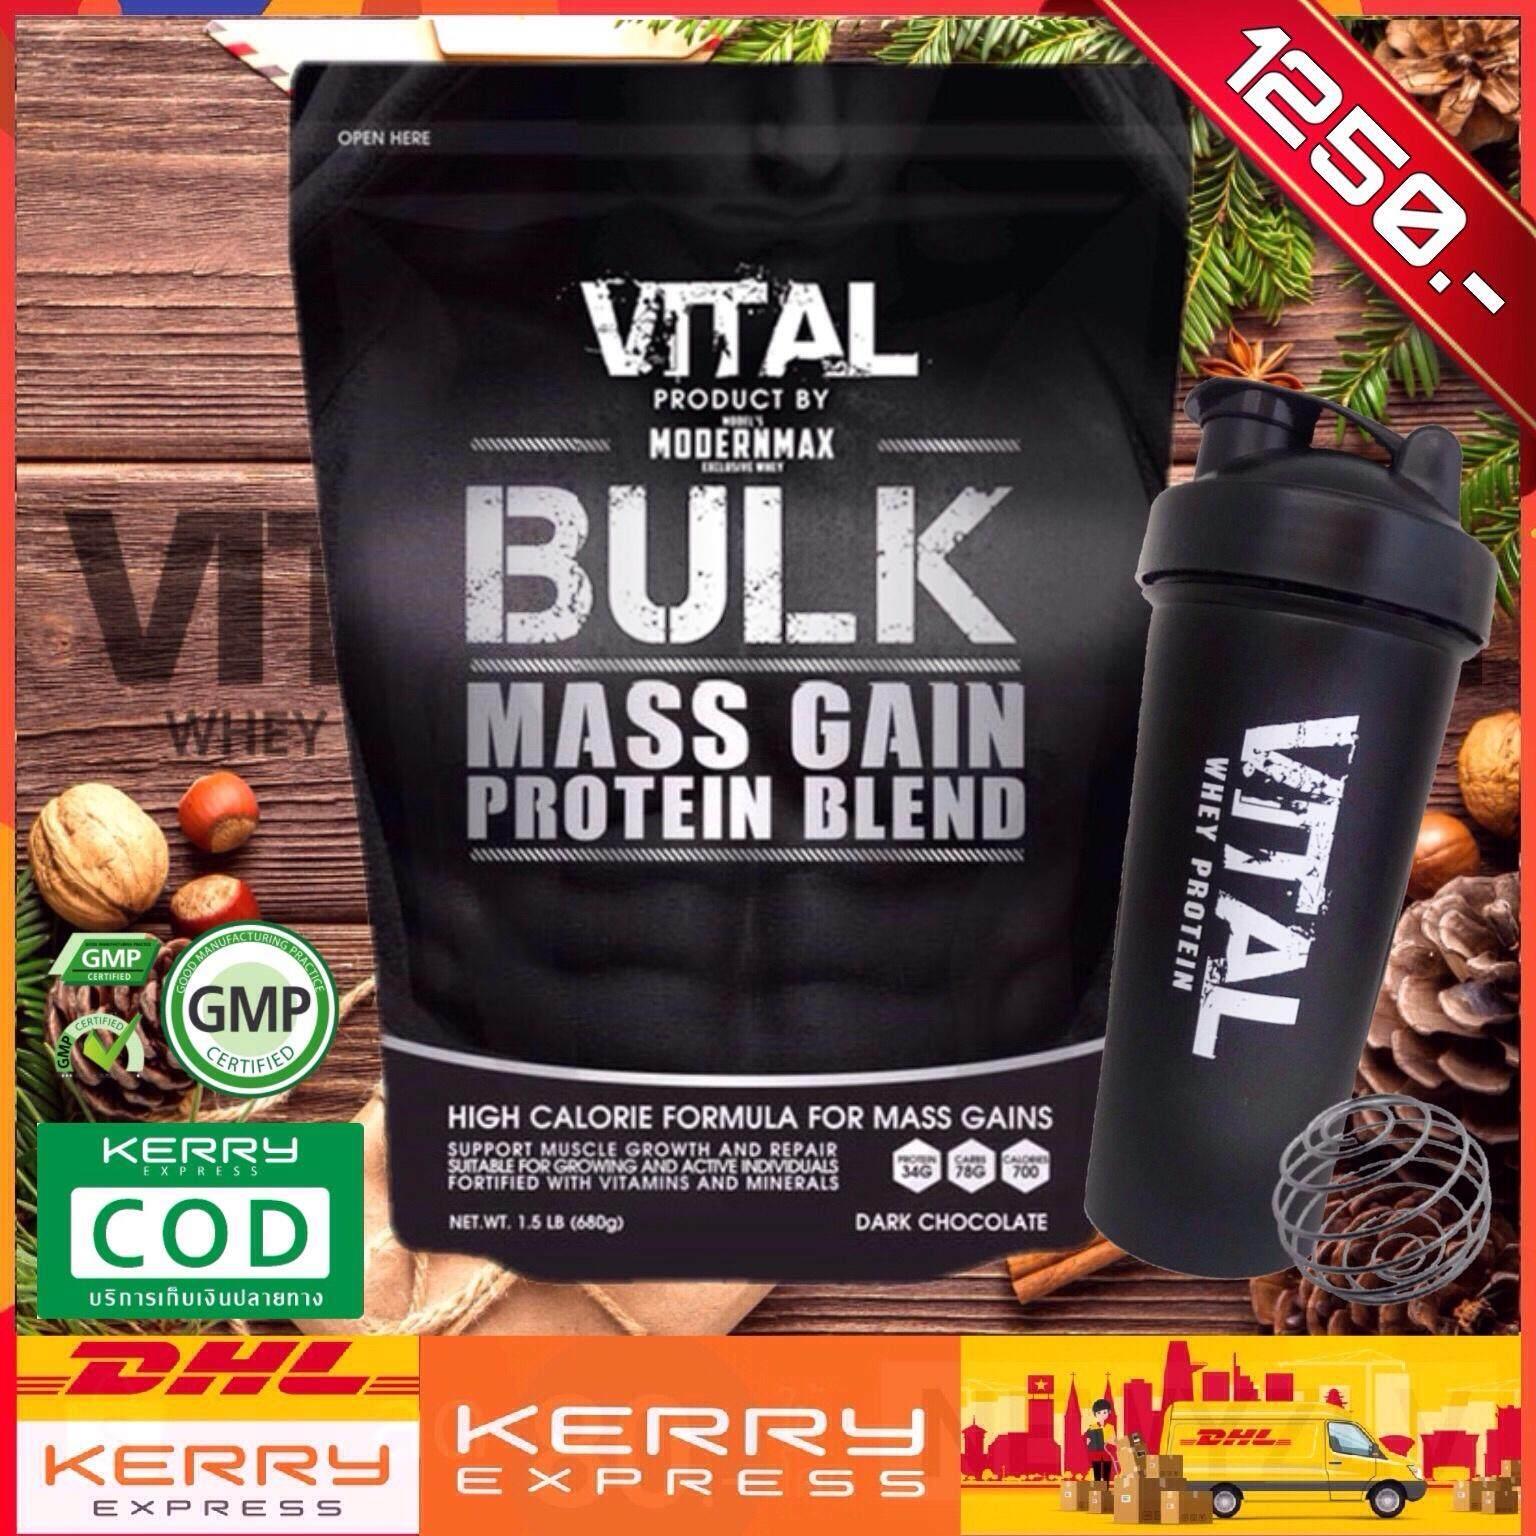 ⭐️ ส่งฟรี...พร้อมแก้วเชคเกอร์ Vital Bulk สูตรเพิ่มน้ำหนัก - เสริมสร้างมวลกล้ามเนื้อ เก็บปลายทางฟรี 1-2 วัน